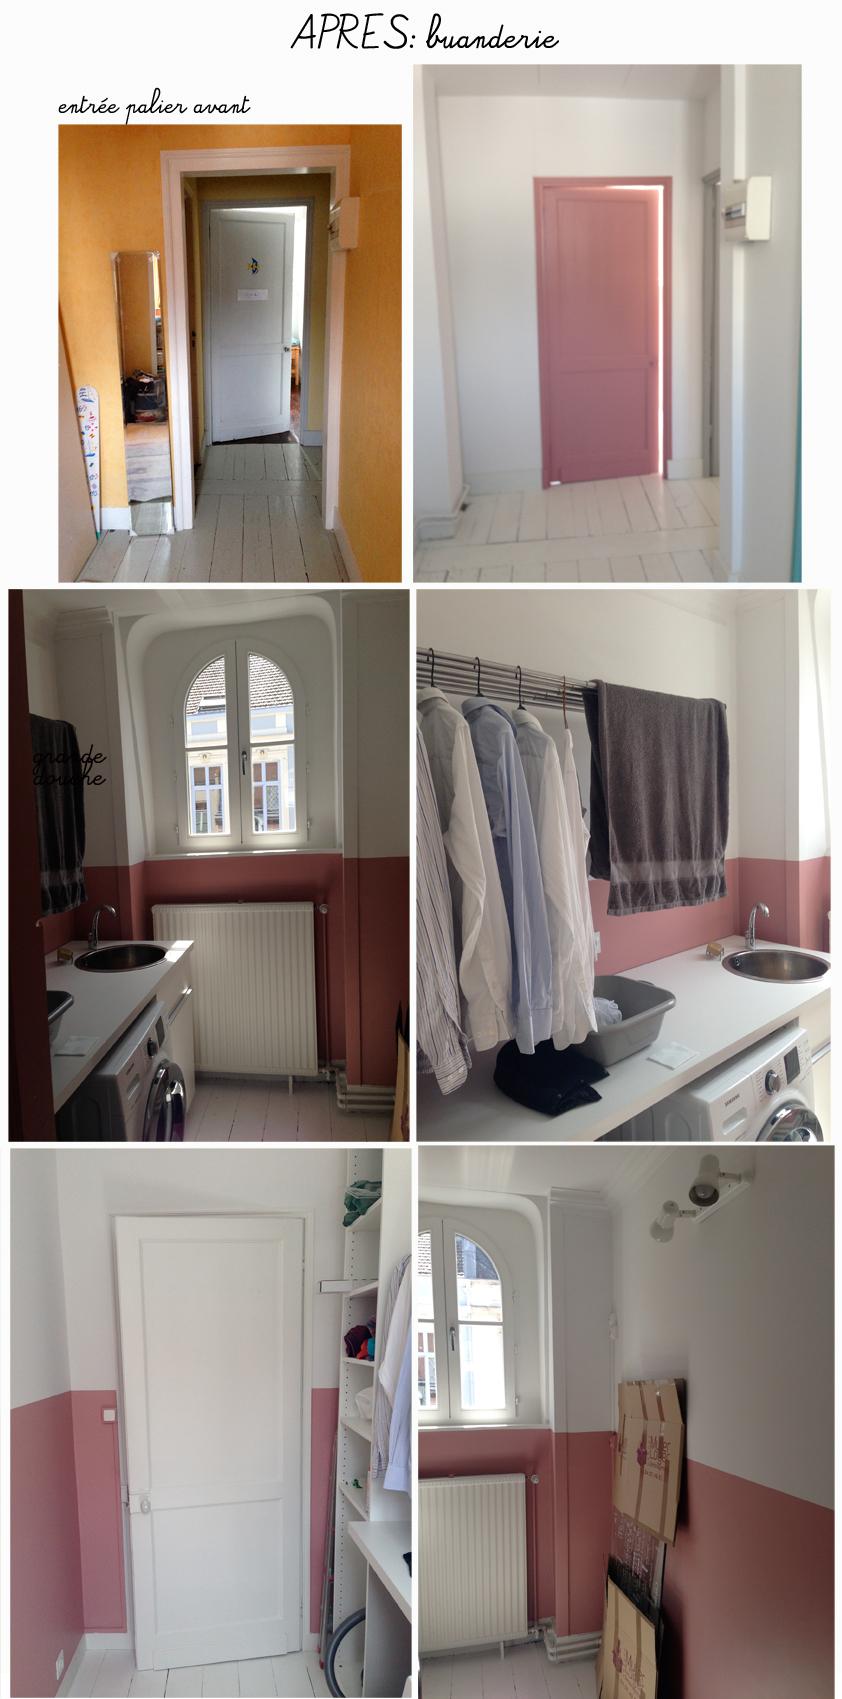 avant apr s cr ation d 39 une salle de bain et buanderie lille architecture d 39 int rieur. Black Bedroom Furniture Sets. Home Design Ideas